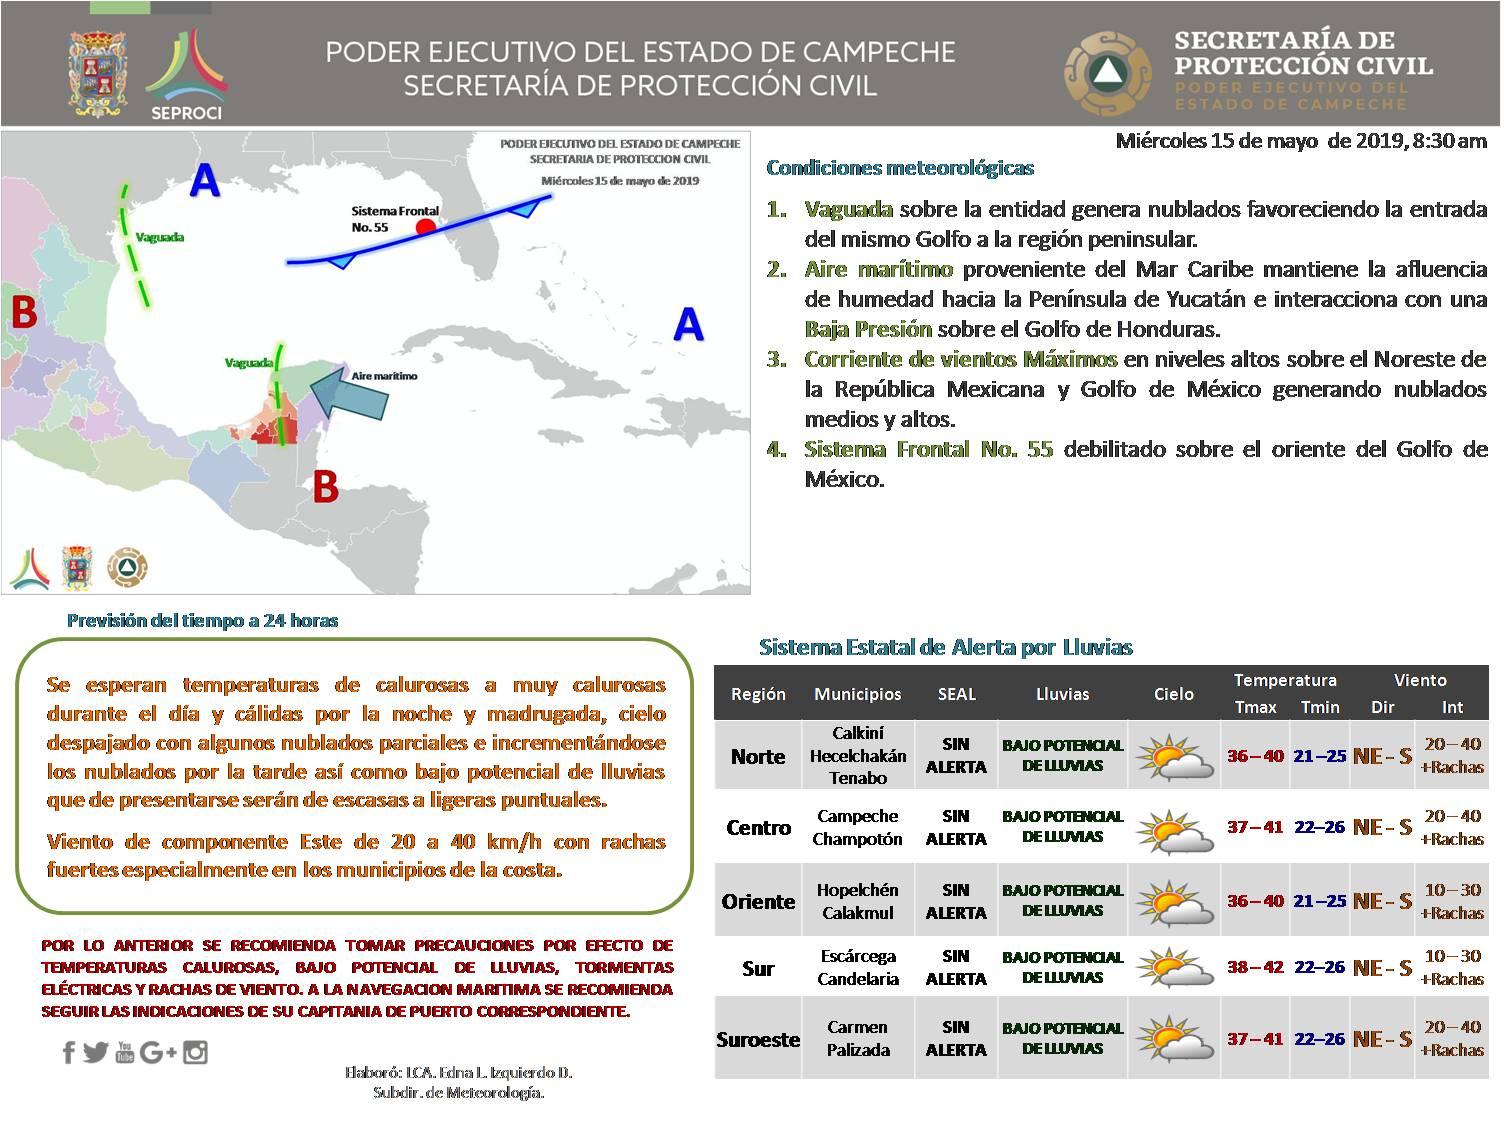 REPORTE DEL CLIMA PARA ESTE 15 DE MAYO